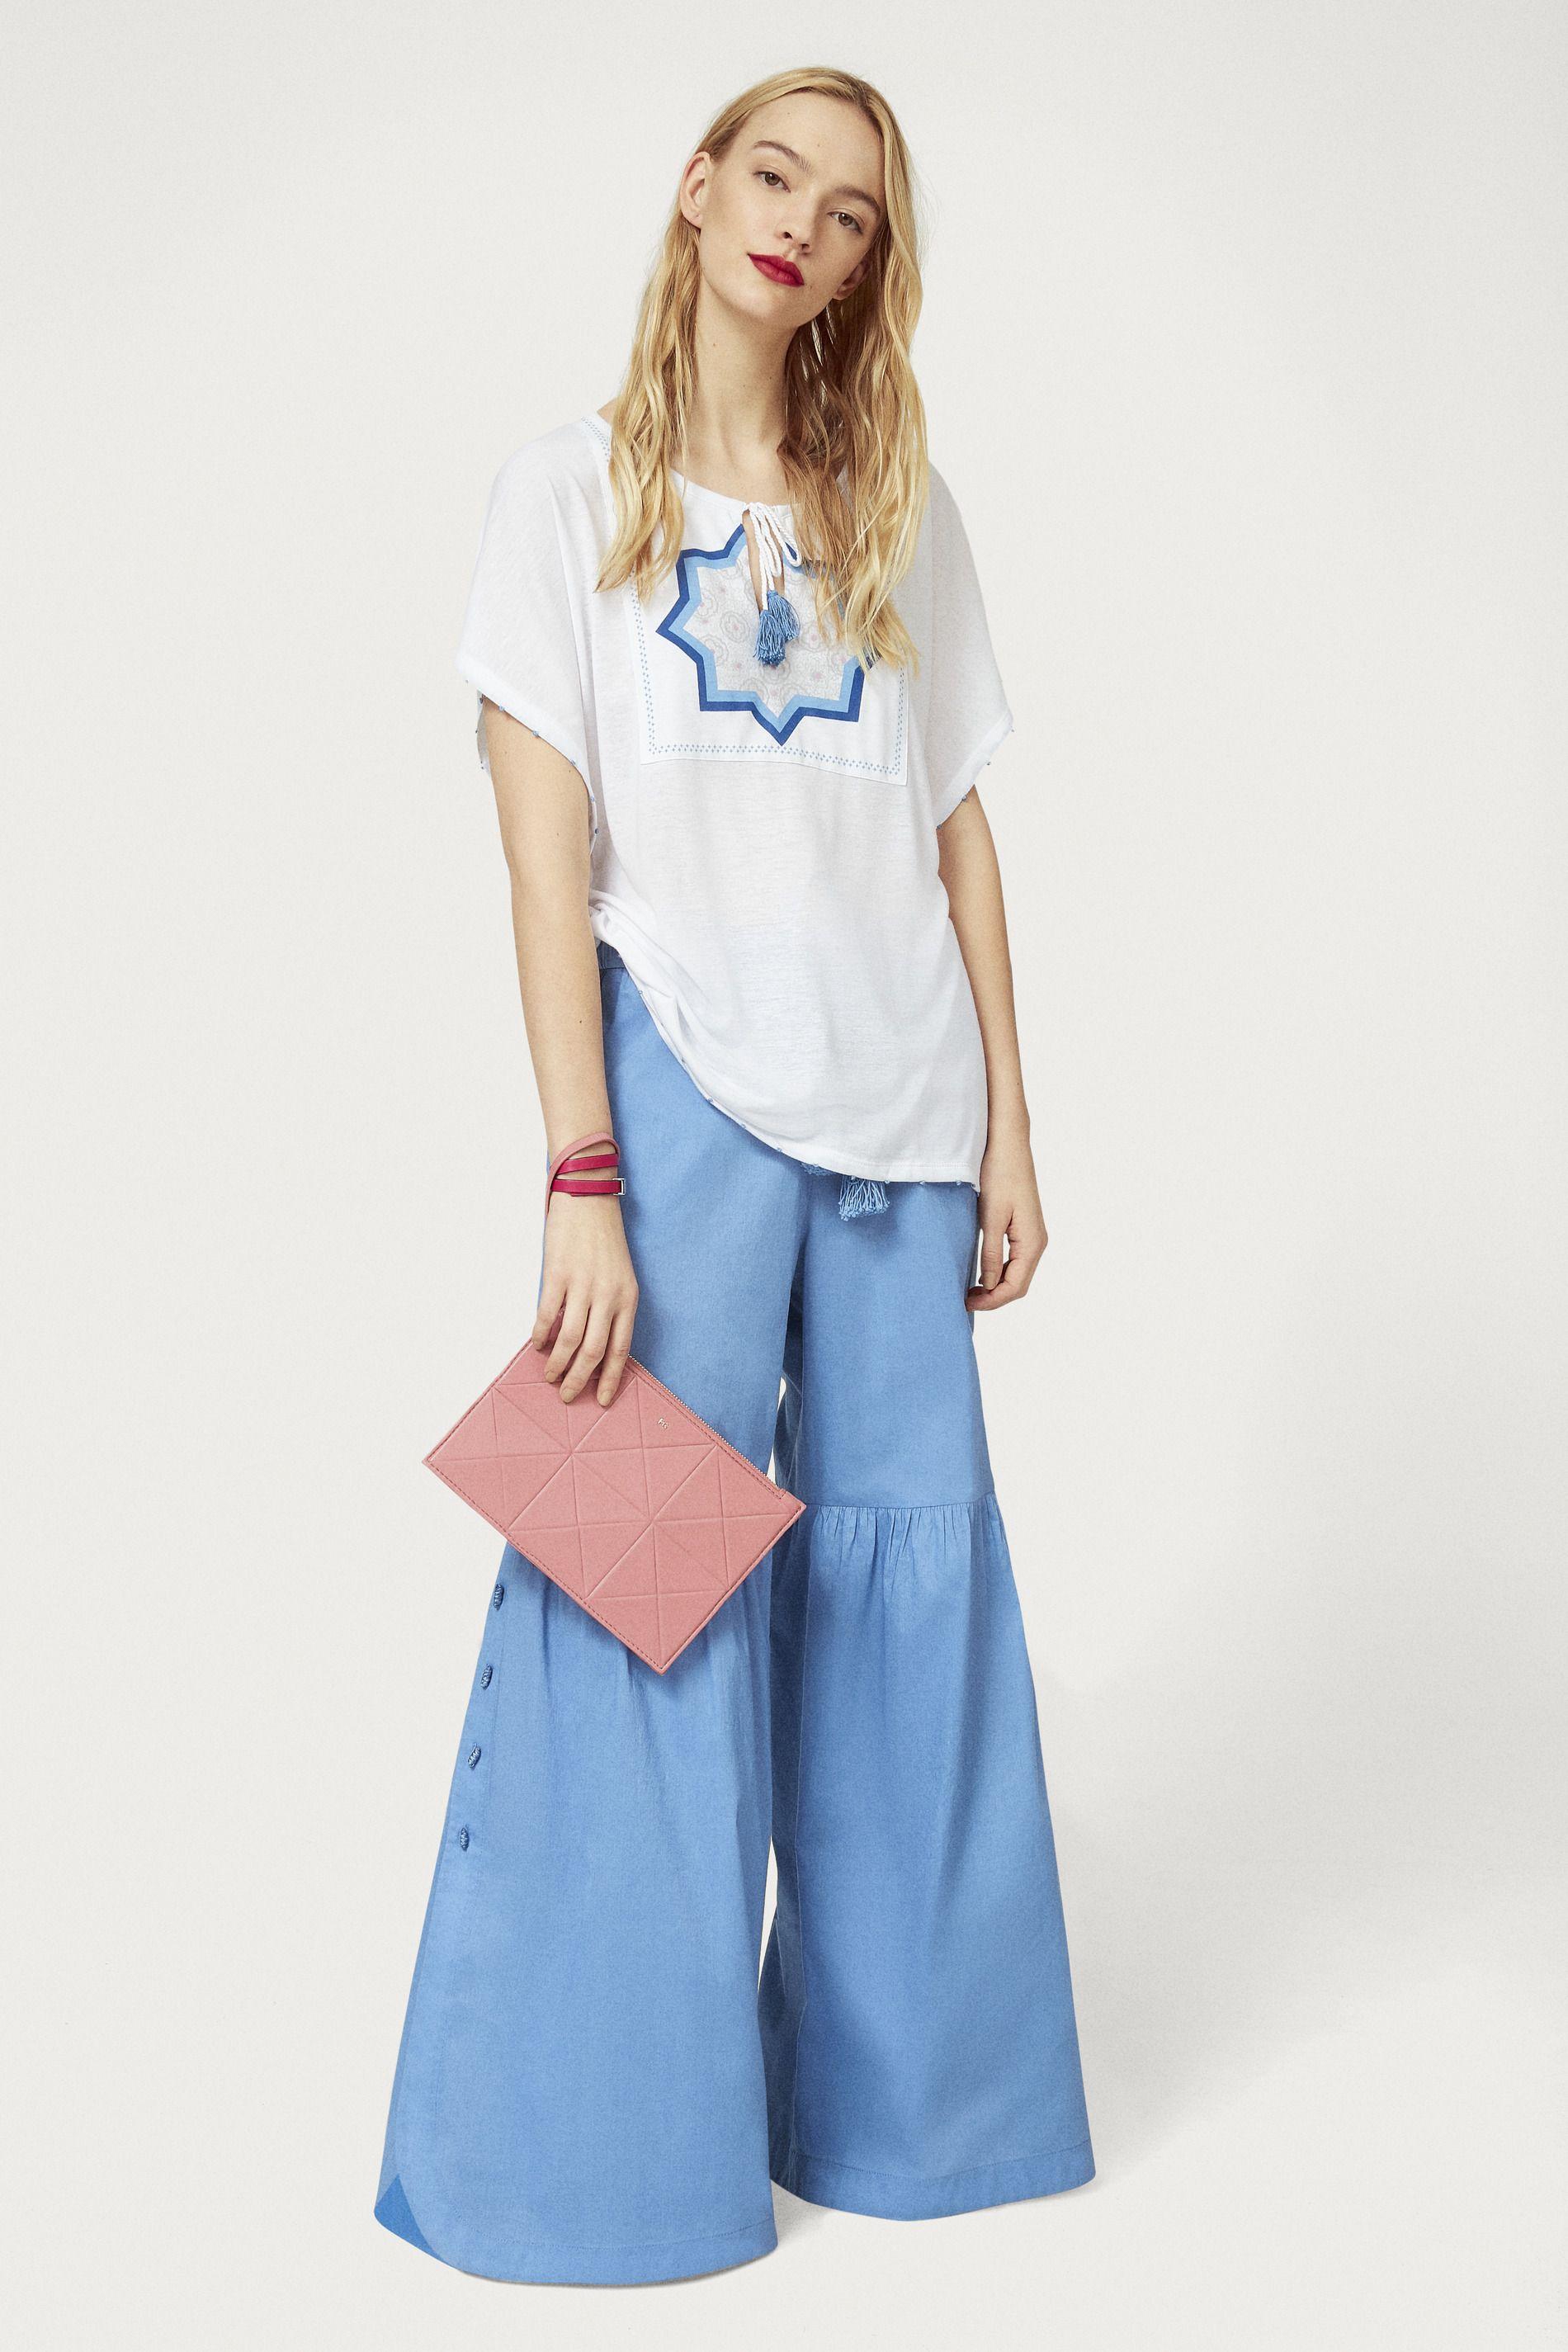 Catalogo Purificacion Garcia Otono Invierno 2021 Moda En Pasarela Tendencias De Moda Moda Pantalones De Moda